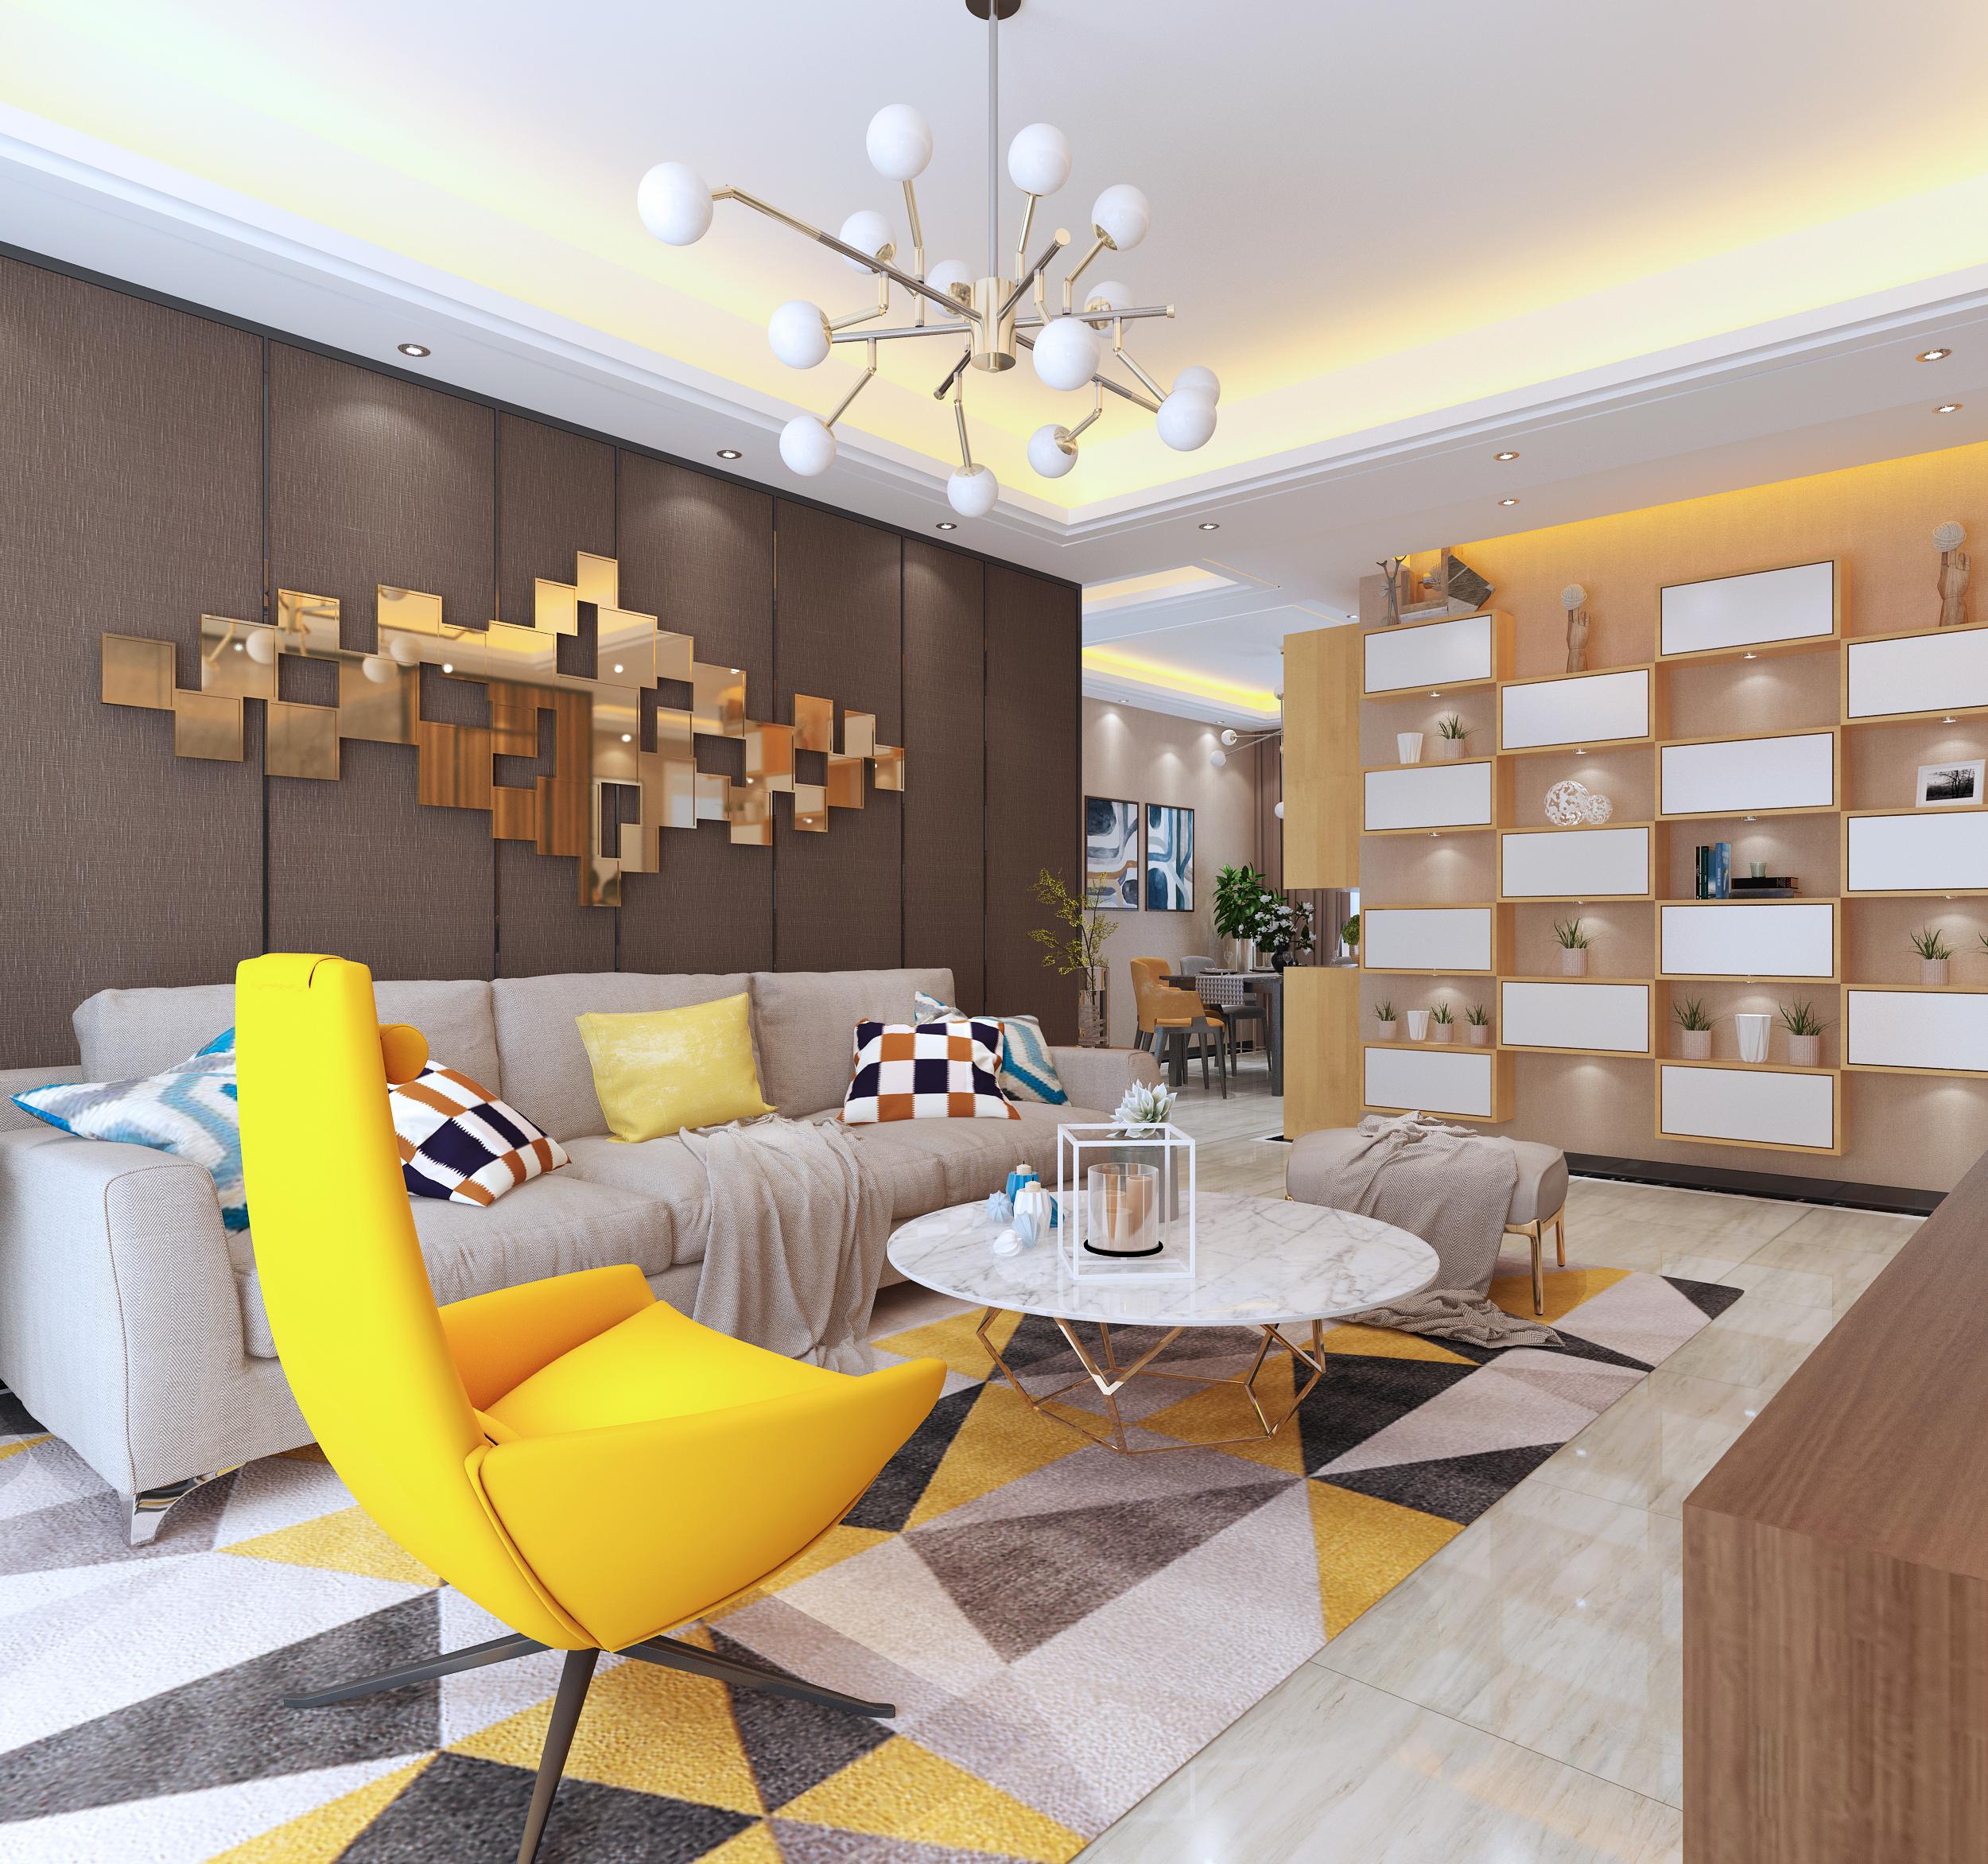 赣州木易120平米三室两厅套间房子现代风格装修视频